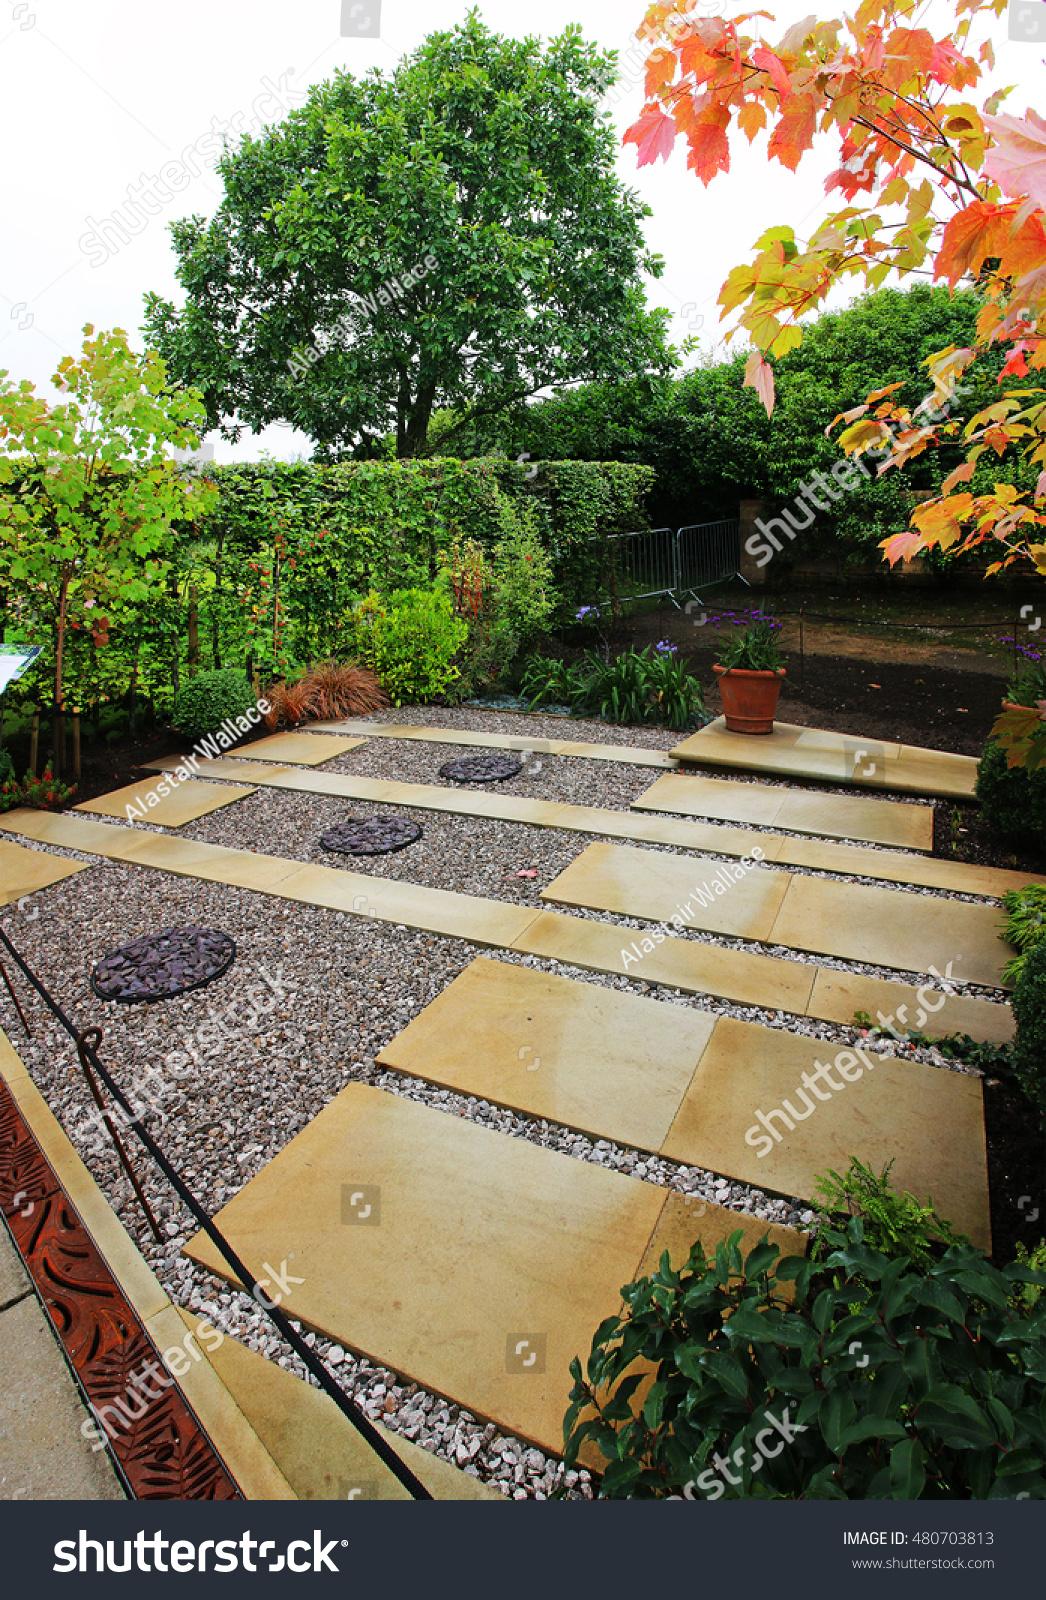 Garden design rhs harlow carr harrogate stock photo for Garden design harrogate